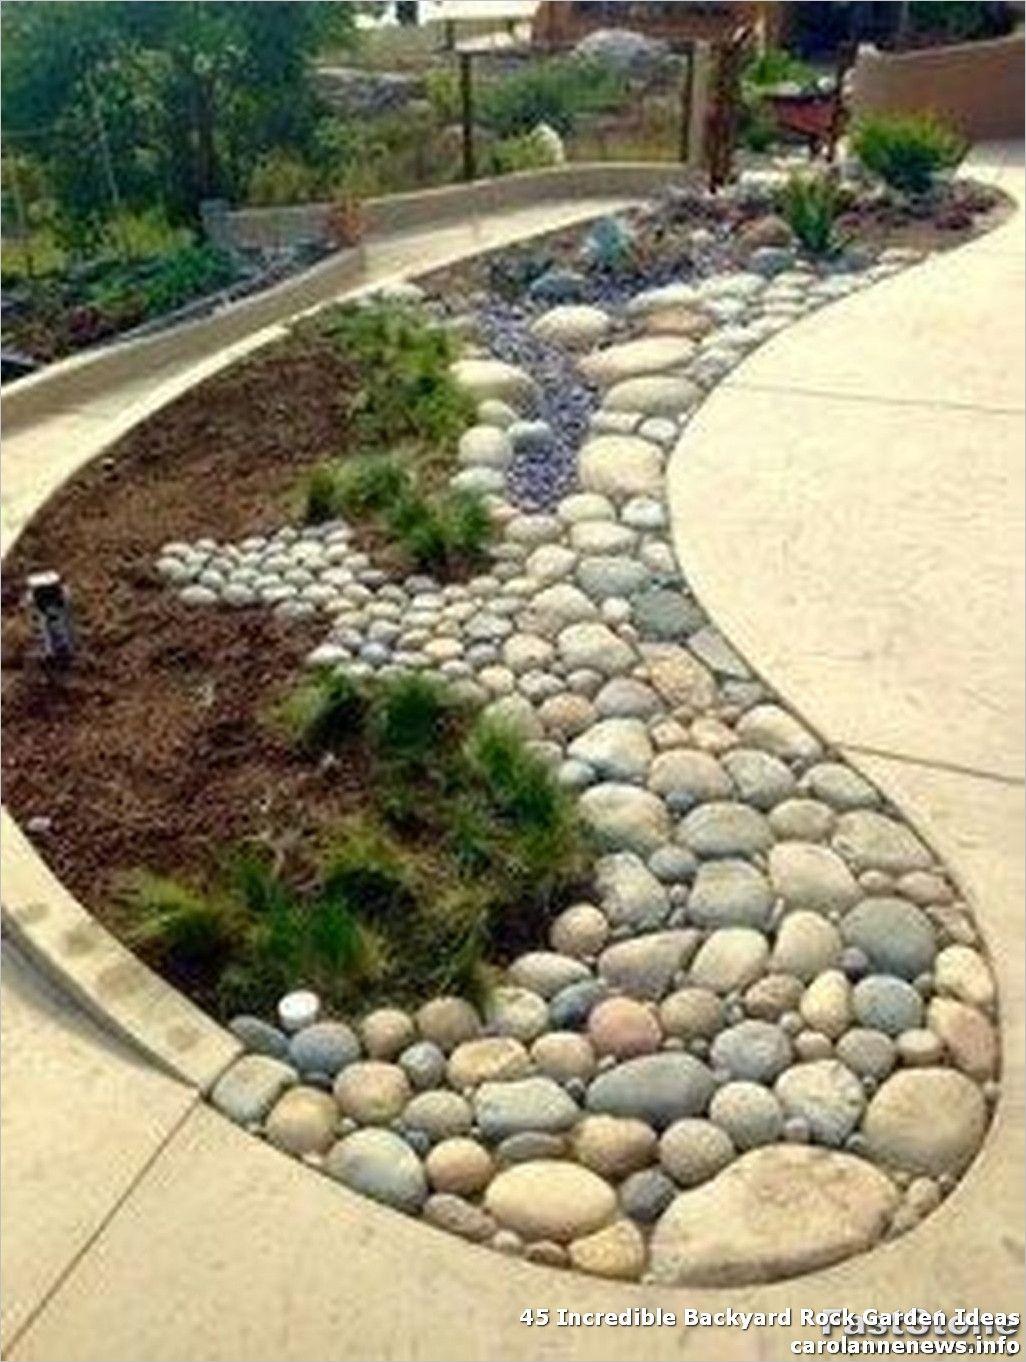 45 Incredible Backyard Rock Garden Ideas Gardening Has At